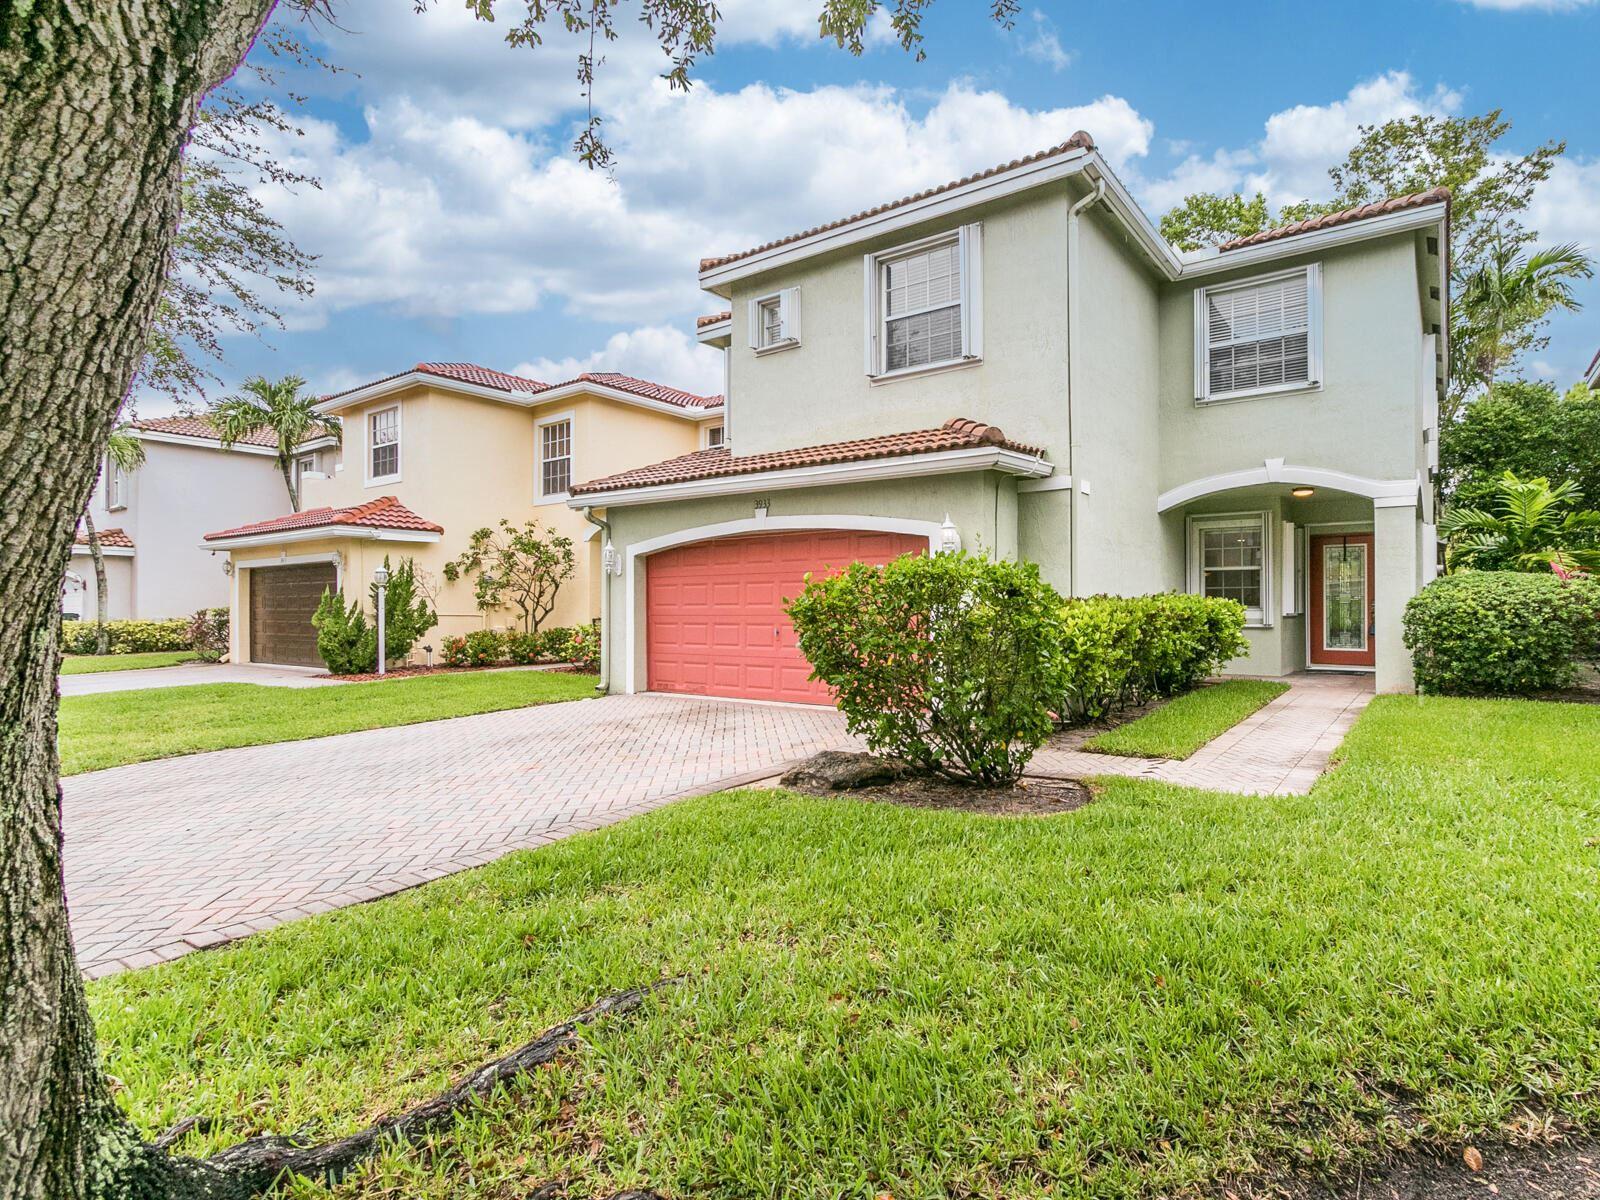 3933 Crescent Creek Drive, Coconut Creek, FL 33073 - MLS#: RX-10726550